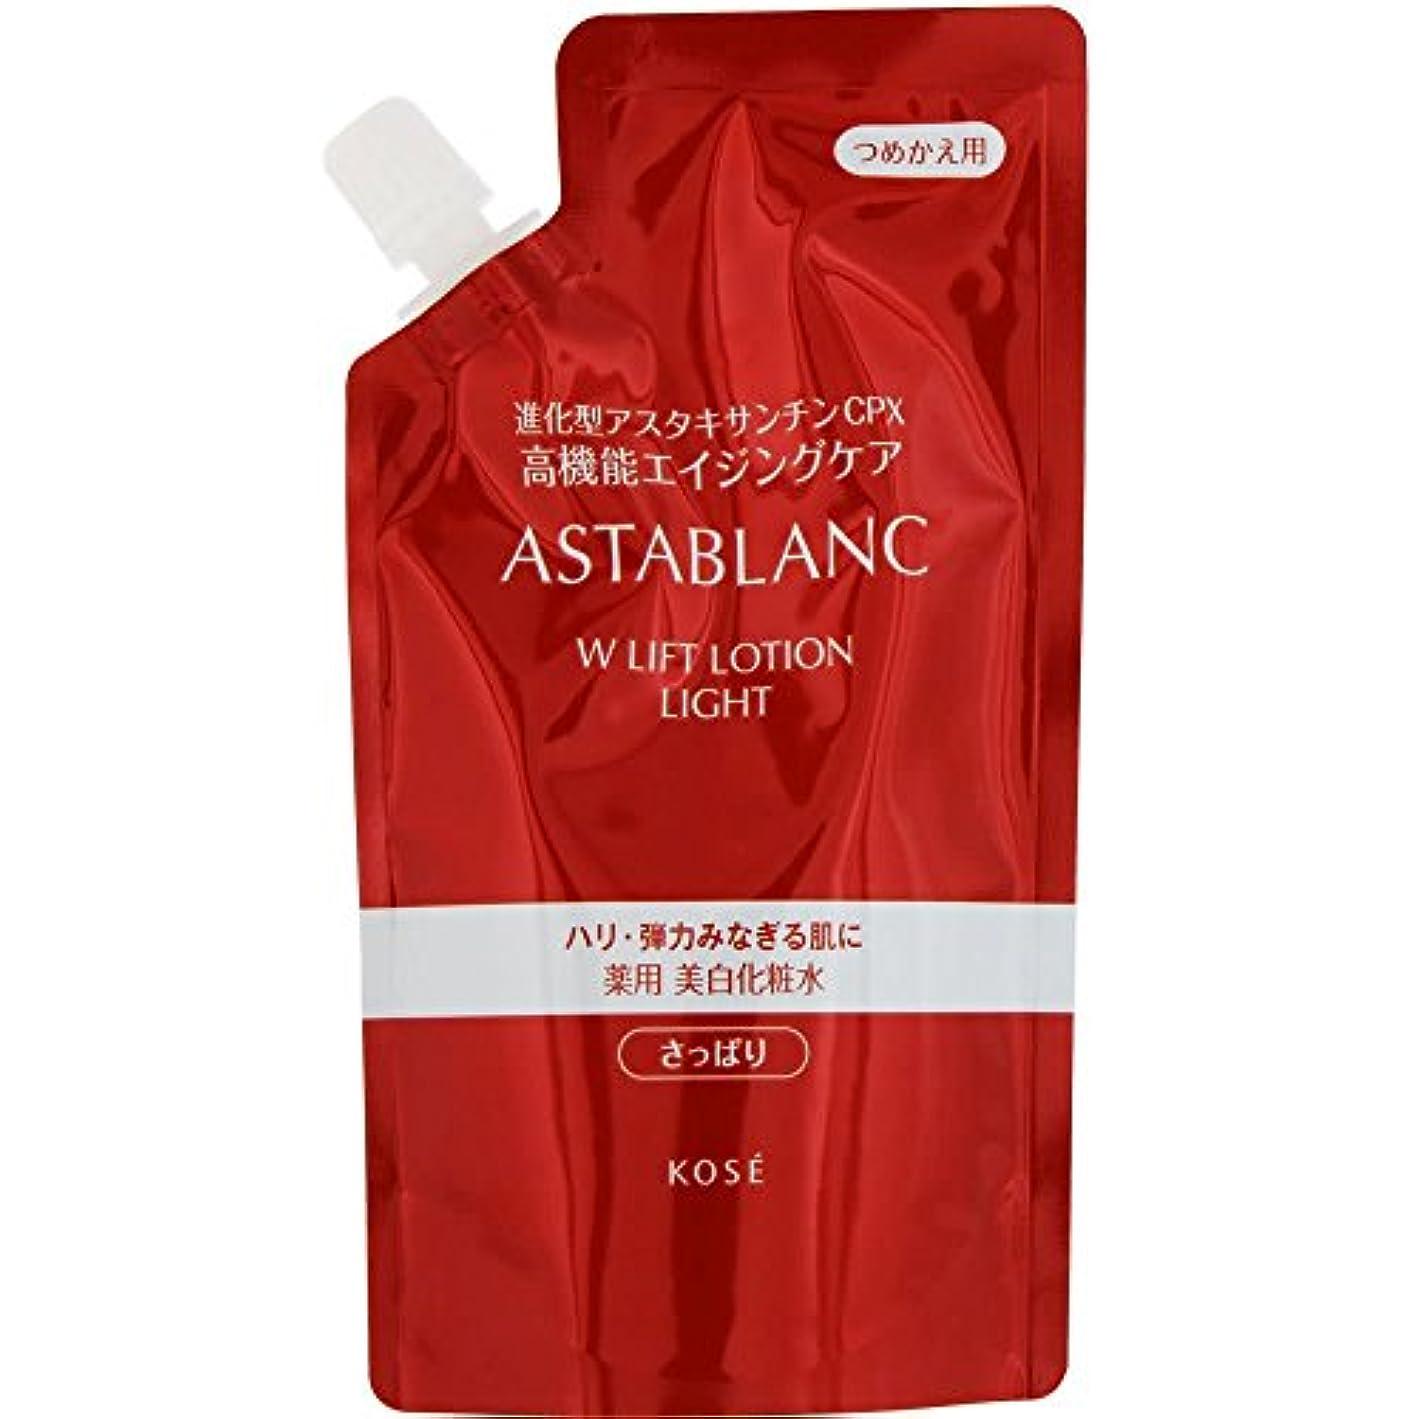 イライラするキルス前売ASTABLANC(アスタブラン) アスタブラン Wリフト ローション さっぱり 化粧水 詰替え用 130mL